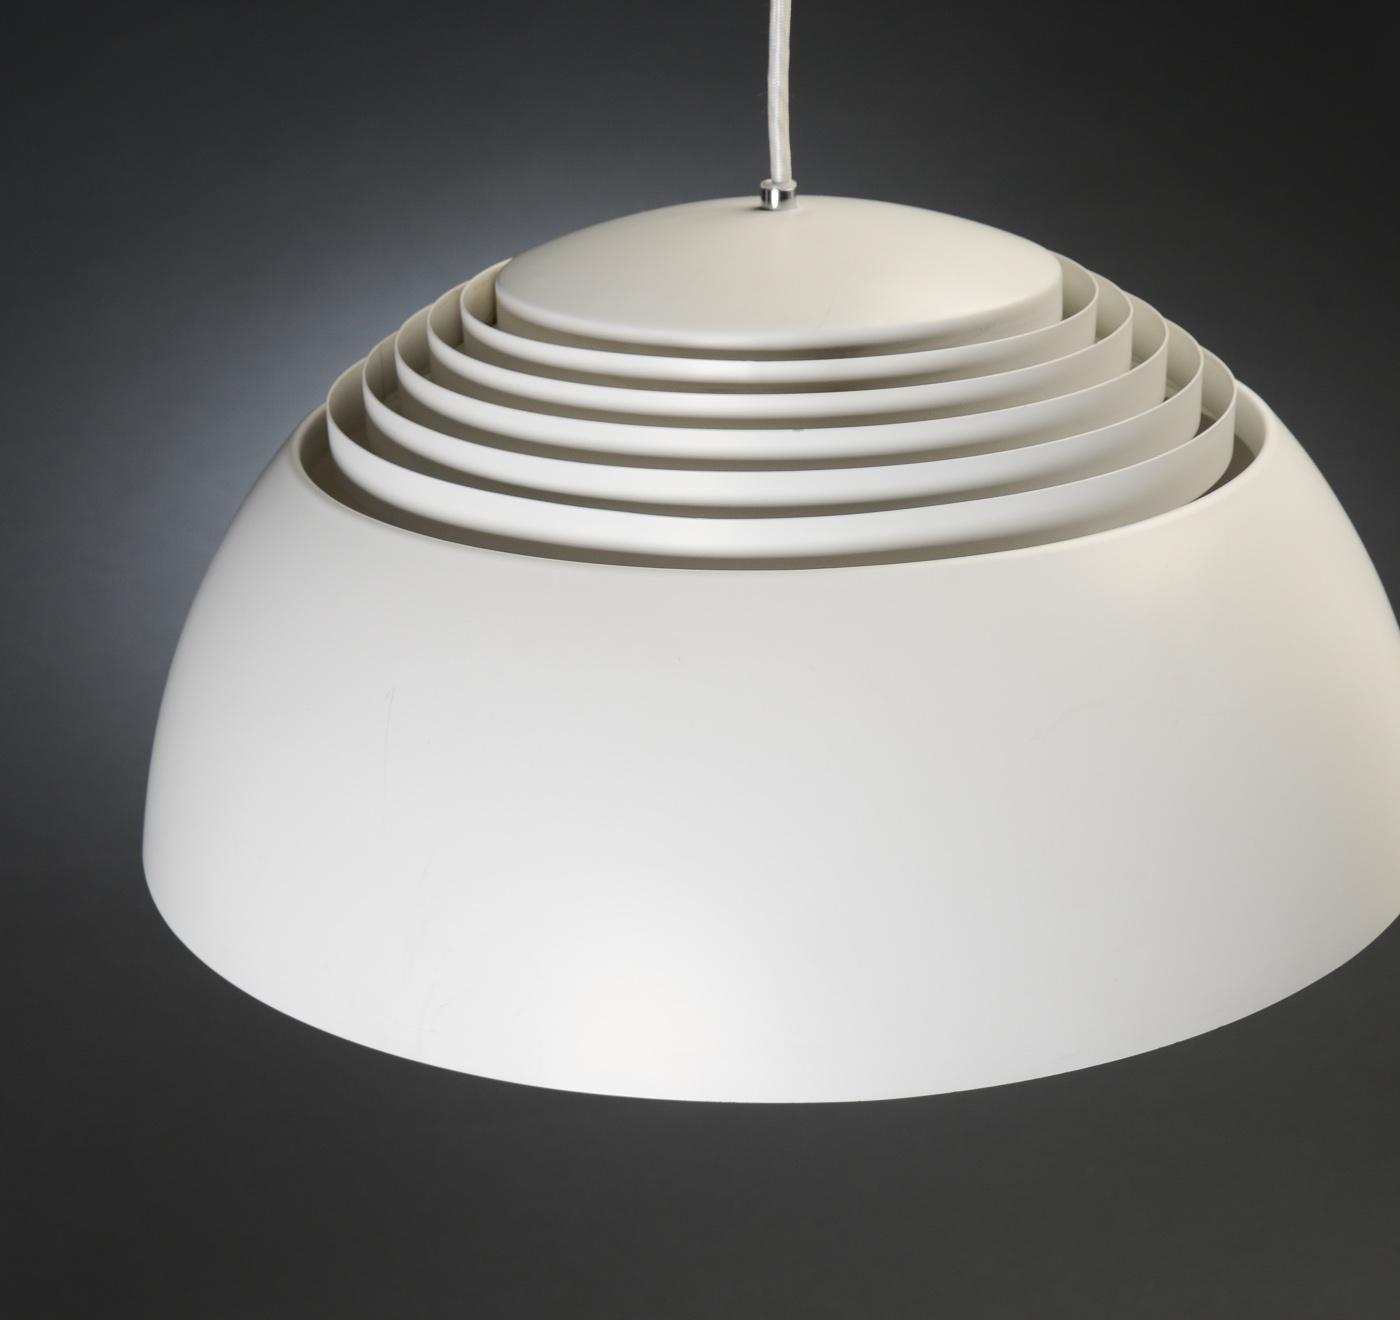 arne jacobsen lampe perfect aj floor lamp med hensyn til. Black Bedroom Furniture Sets. Home Design Ideas